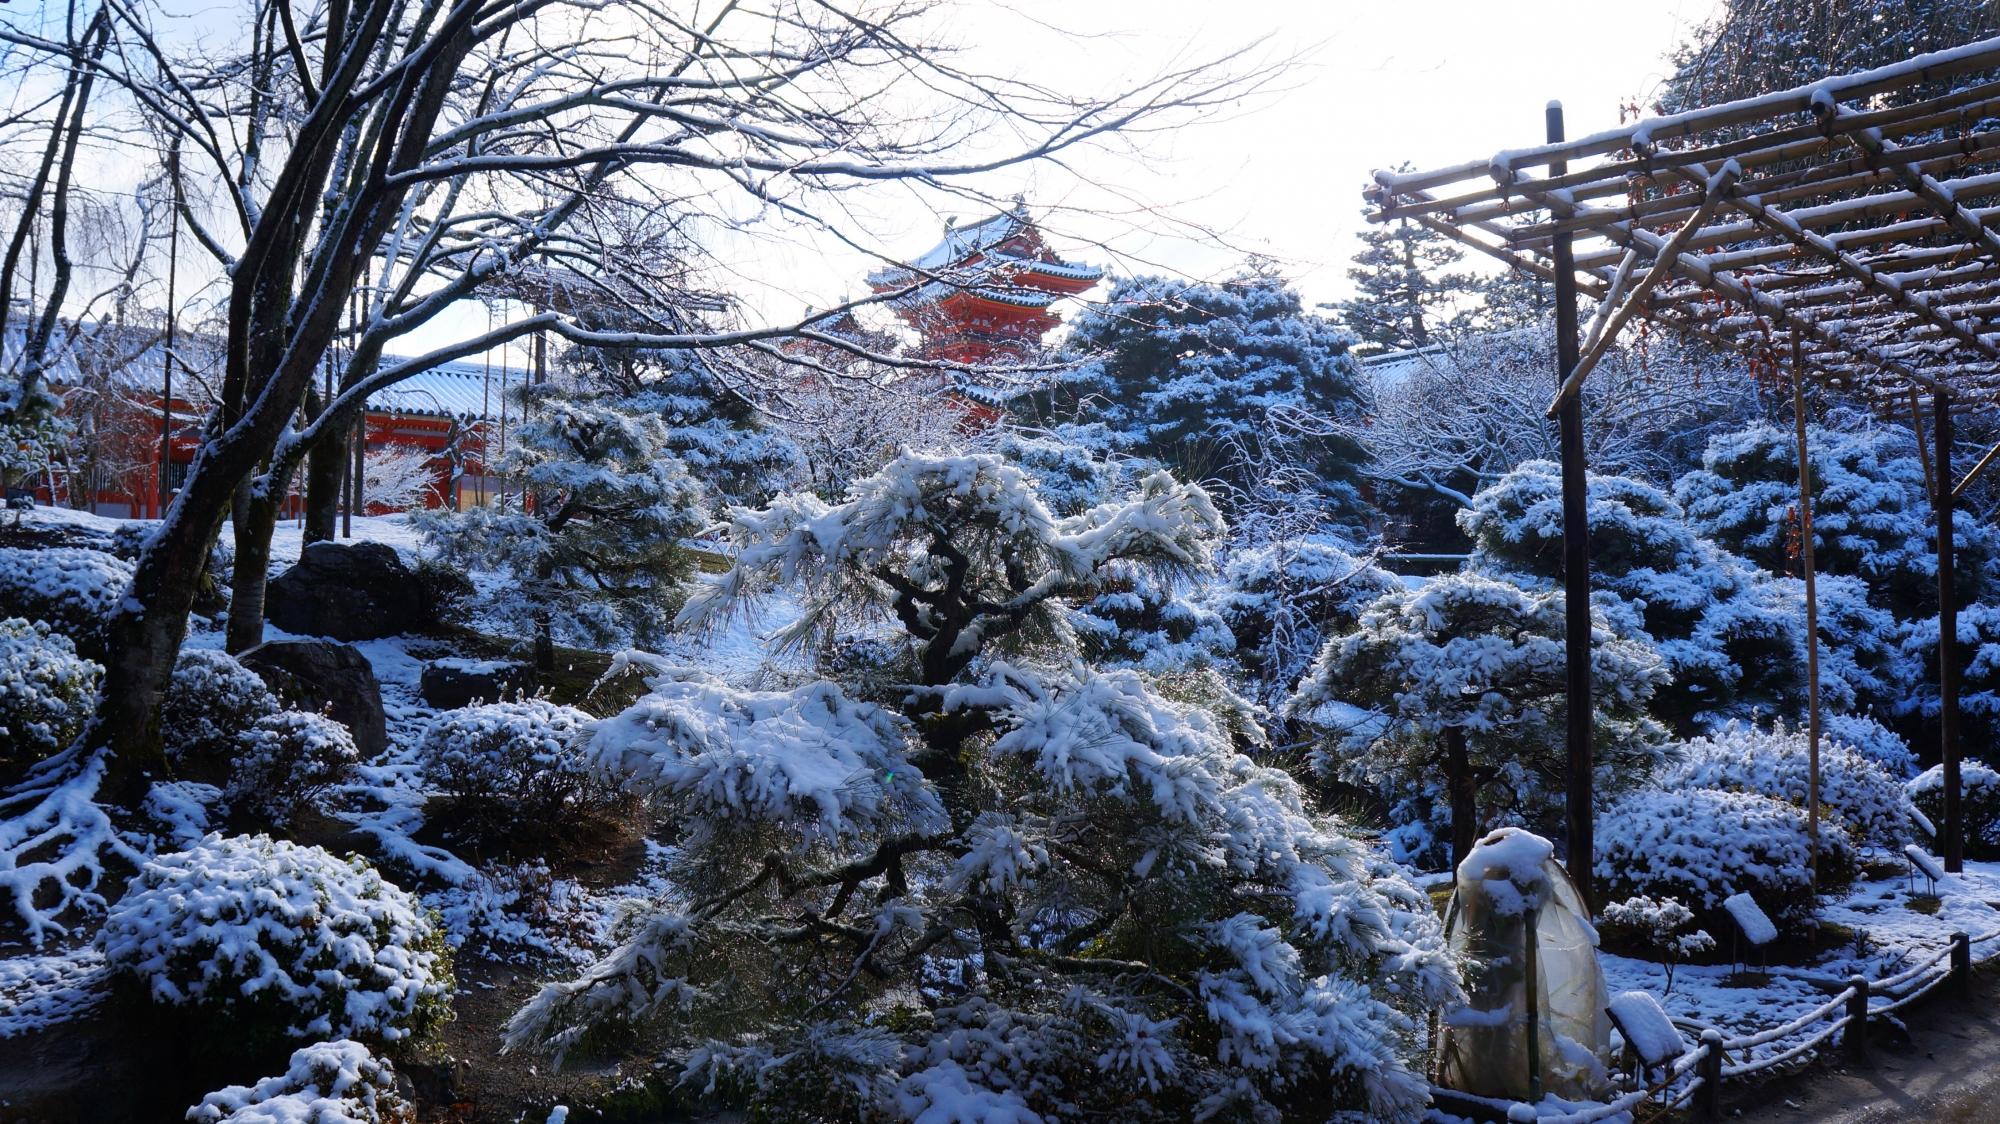 雪化粧した神苑のたくさんの木々や植物